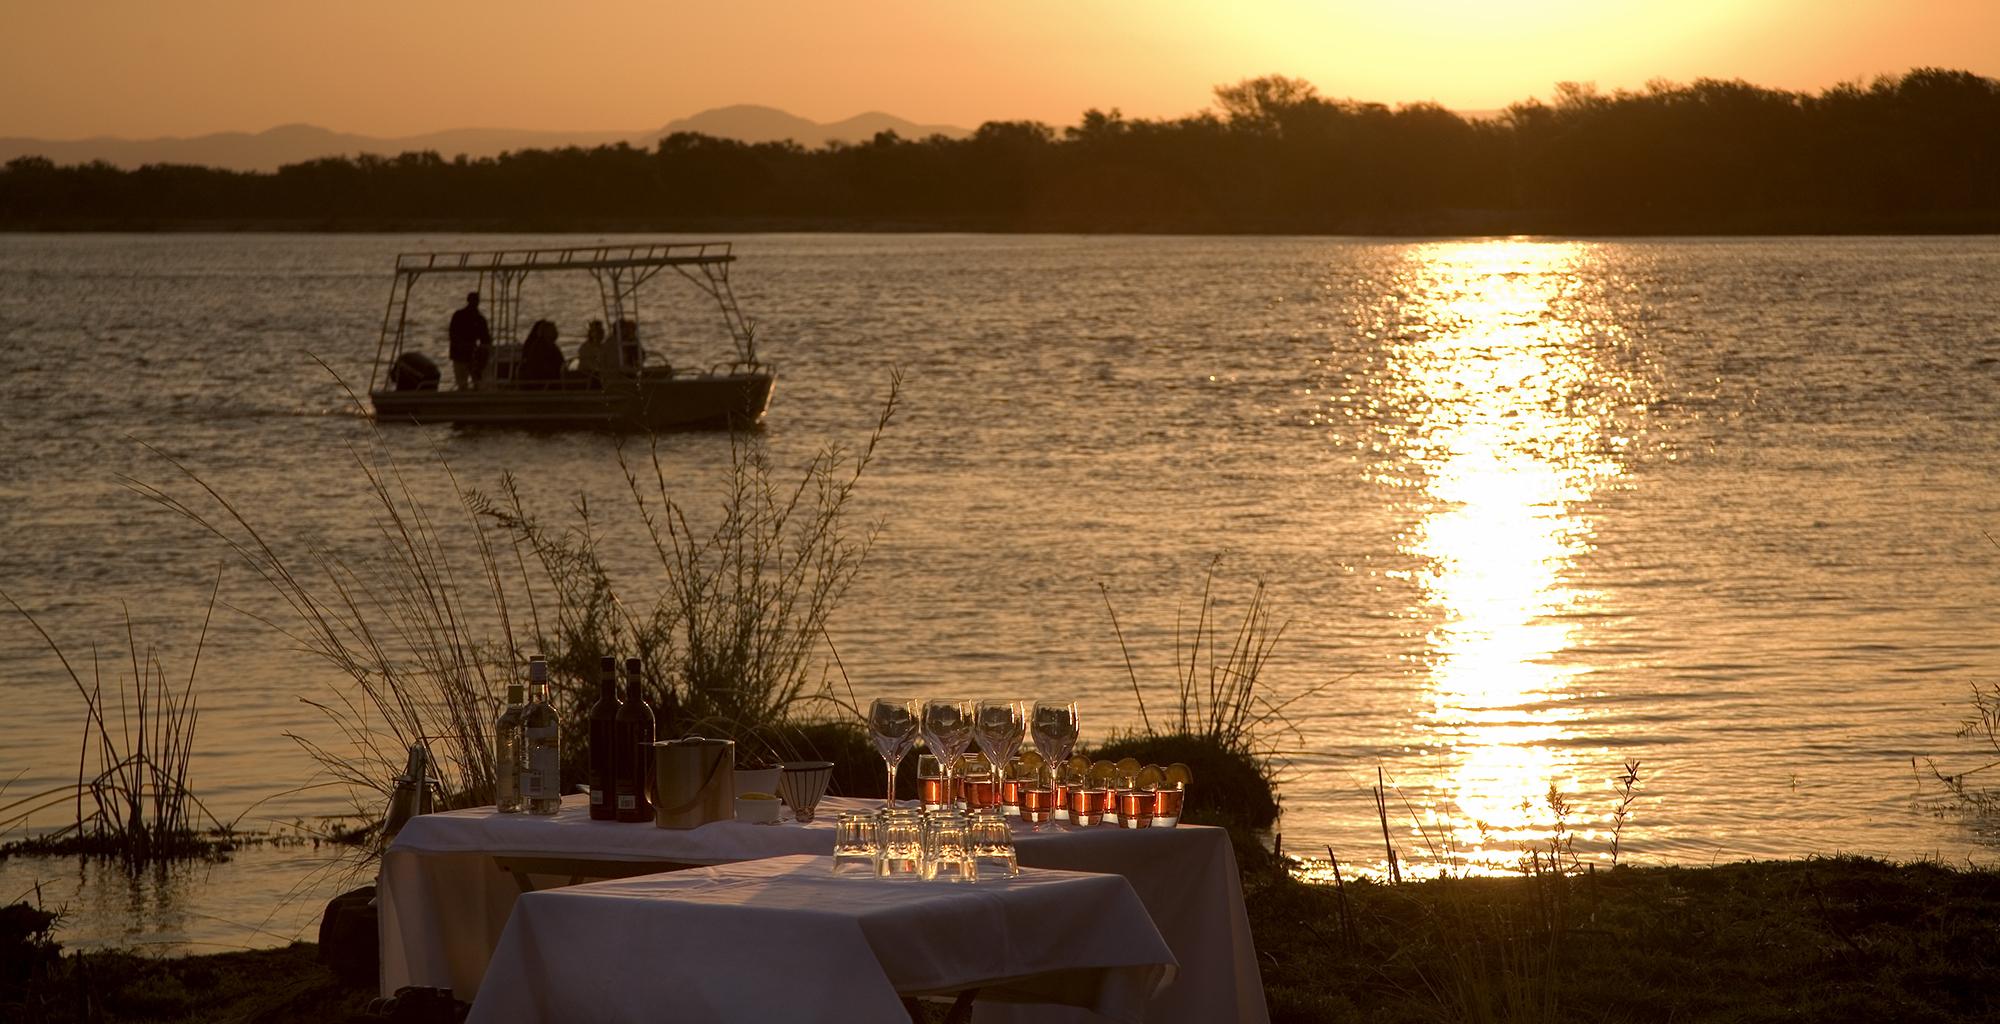 Zambia-Zambezi-Kulefu-Boating-Sunset